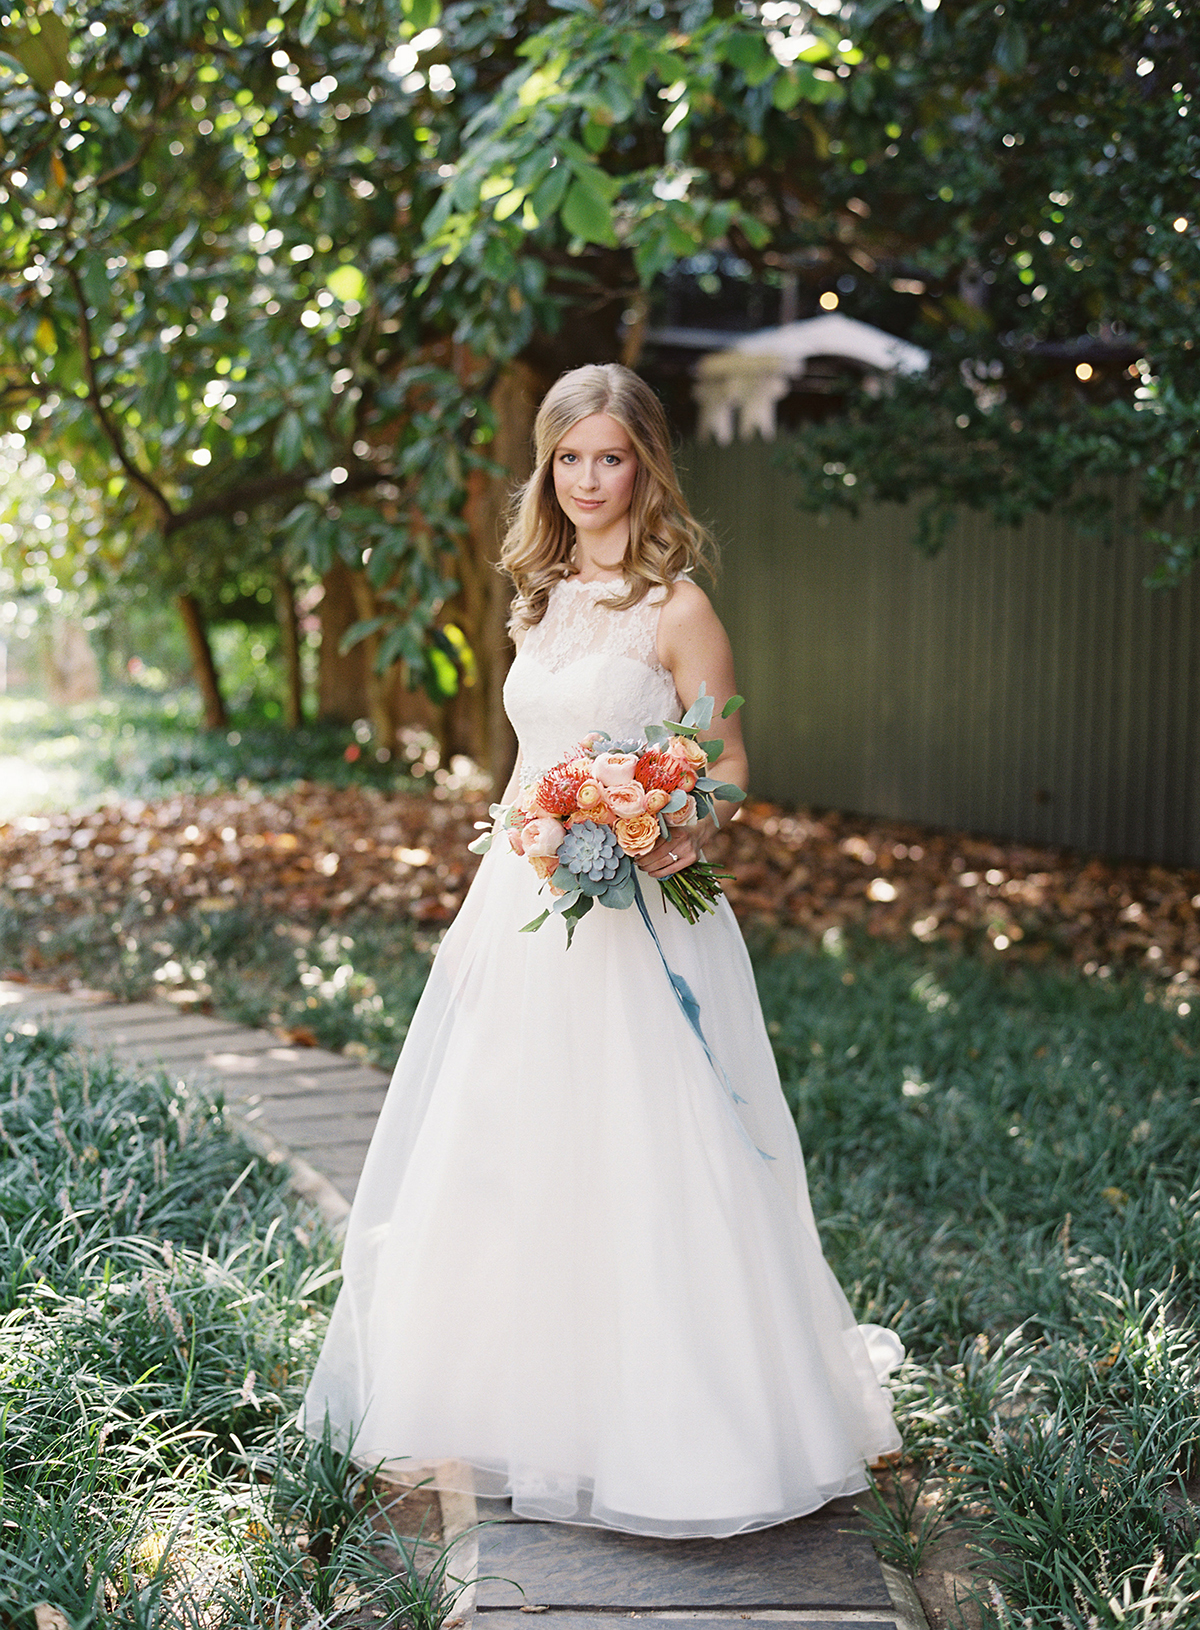 Wtoo Wedding Dress - Elizabeth Anne Designs: The Wedding Blog